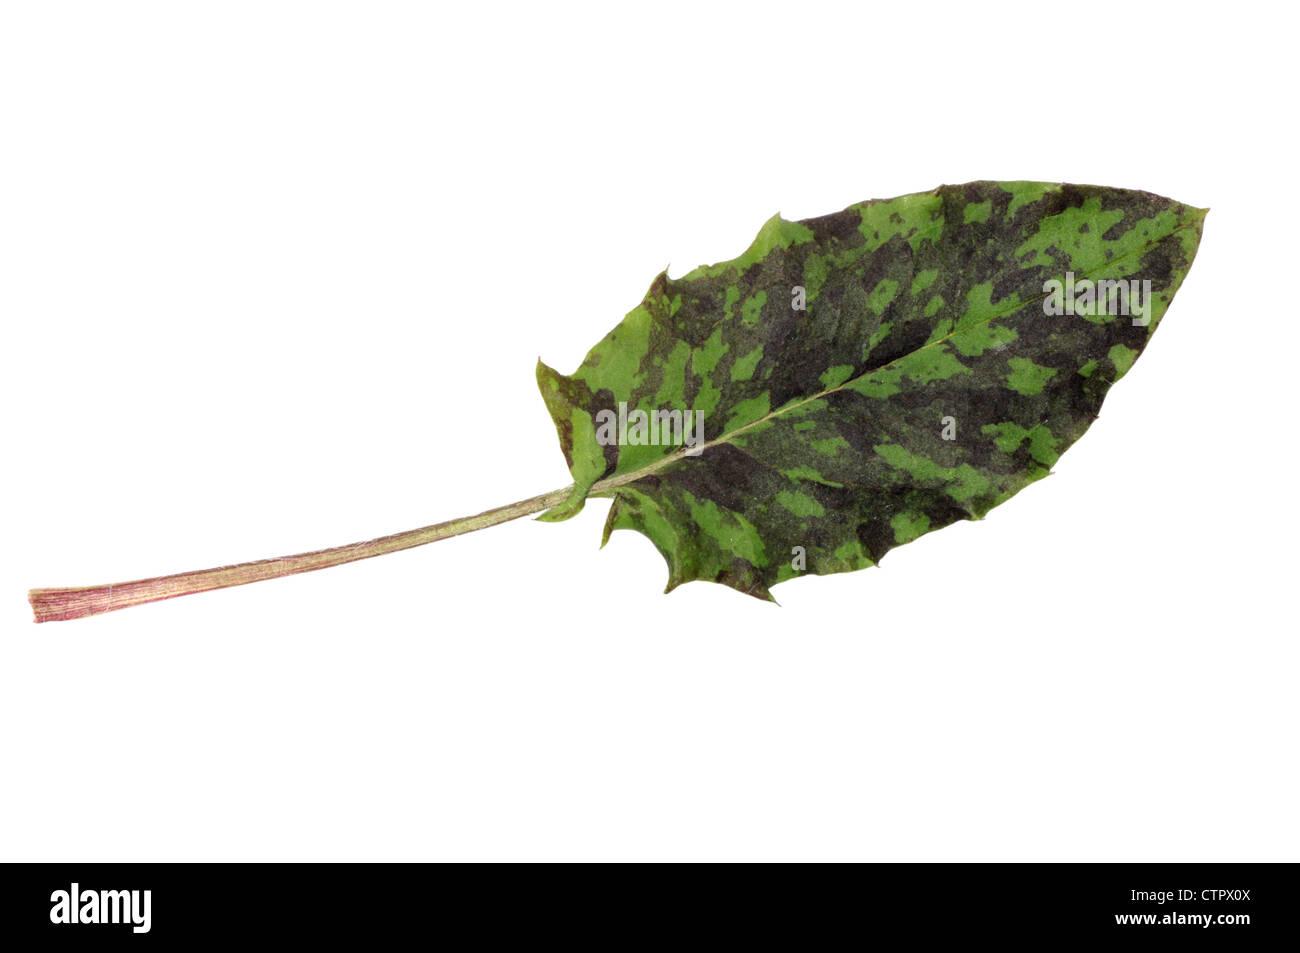 SPOTTED HAWKWEED Hieracium maculatum (Asteraceae) - Stock Image